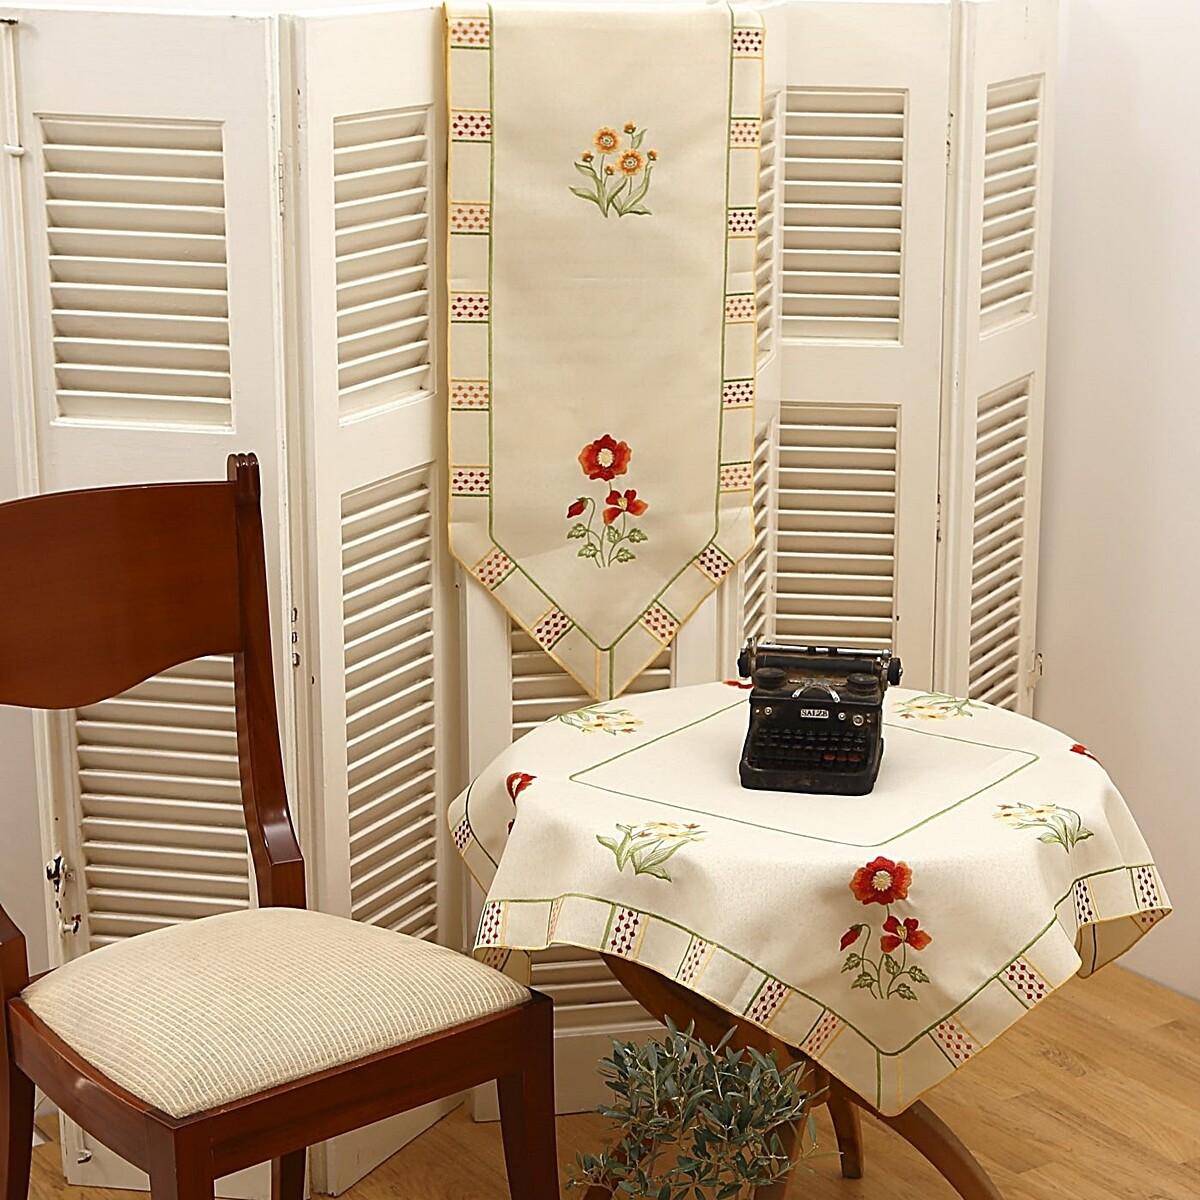 Καρέ Κέντημα 32482 - Ilis Home